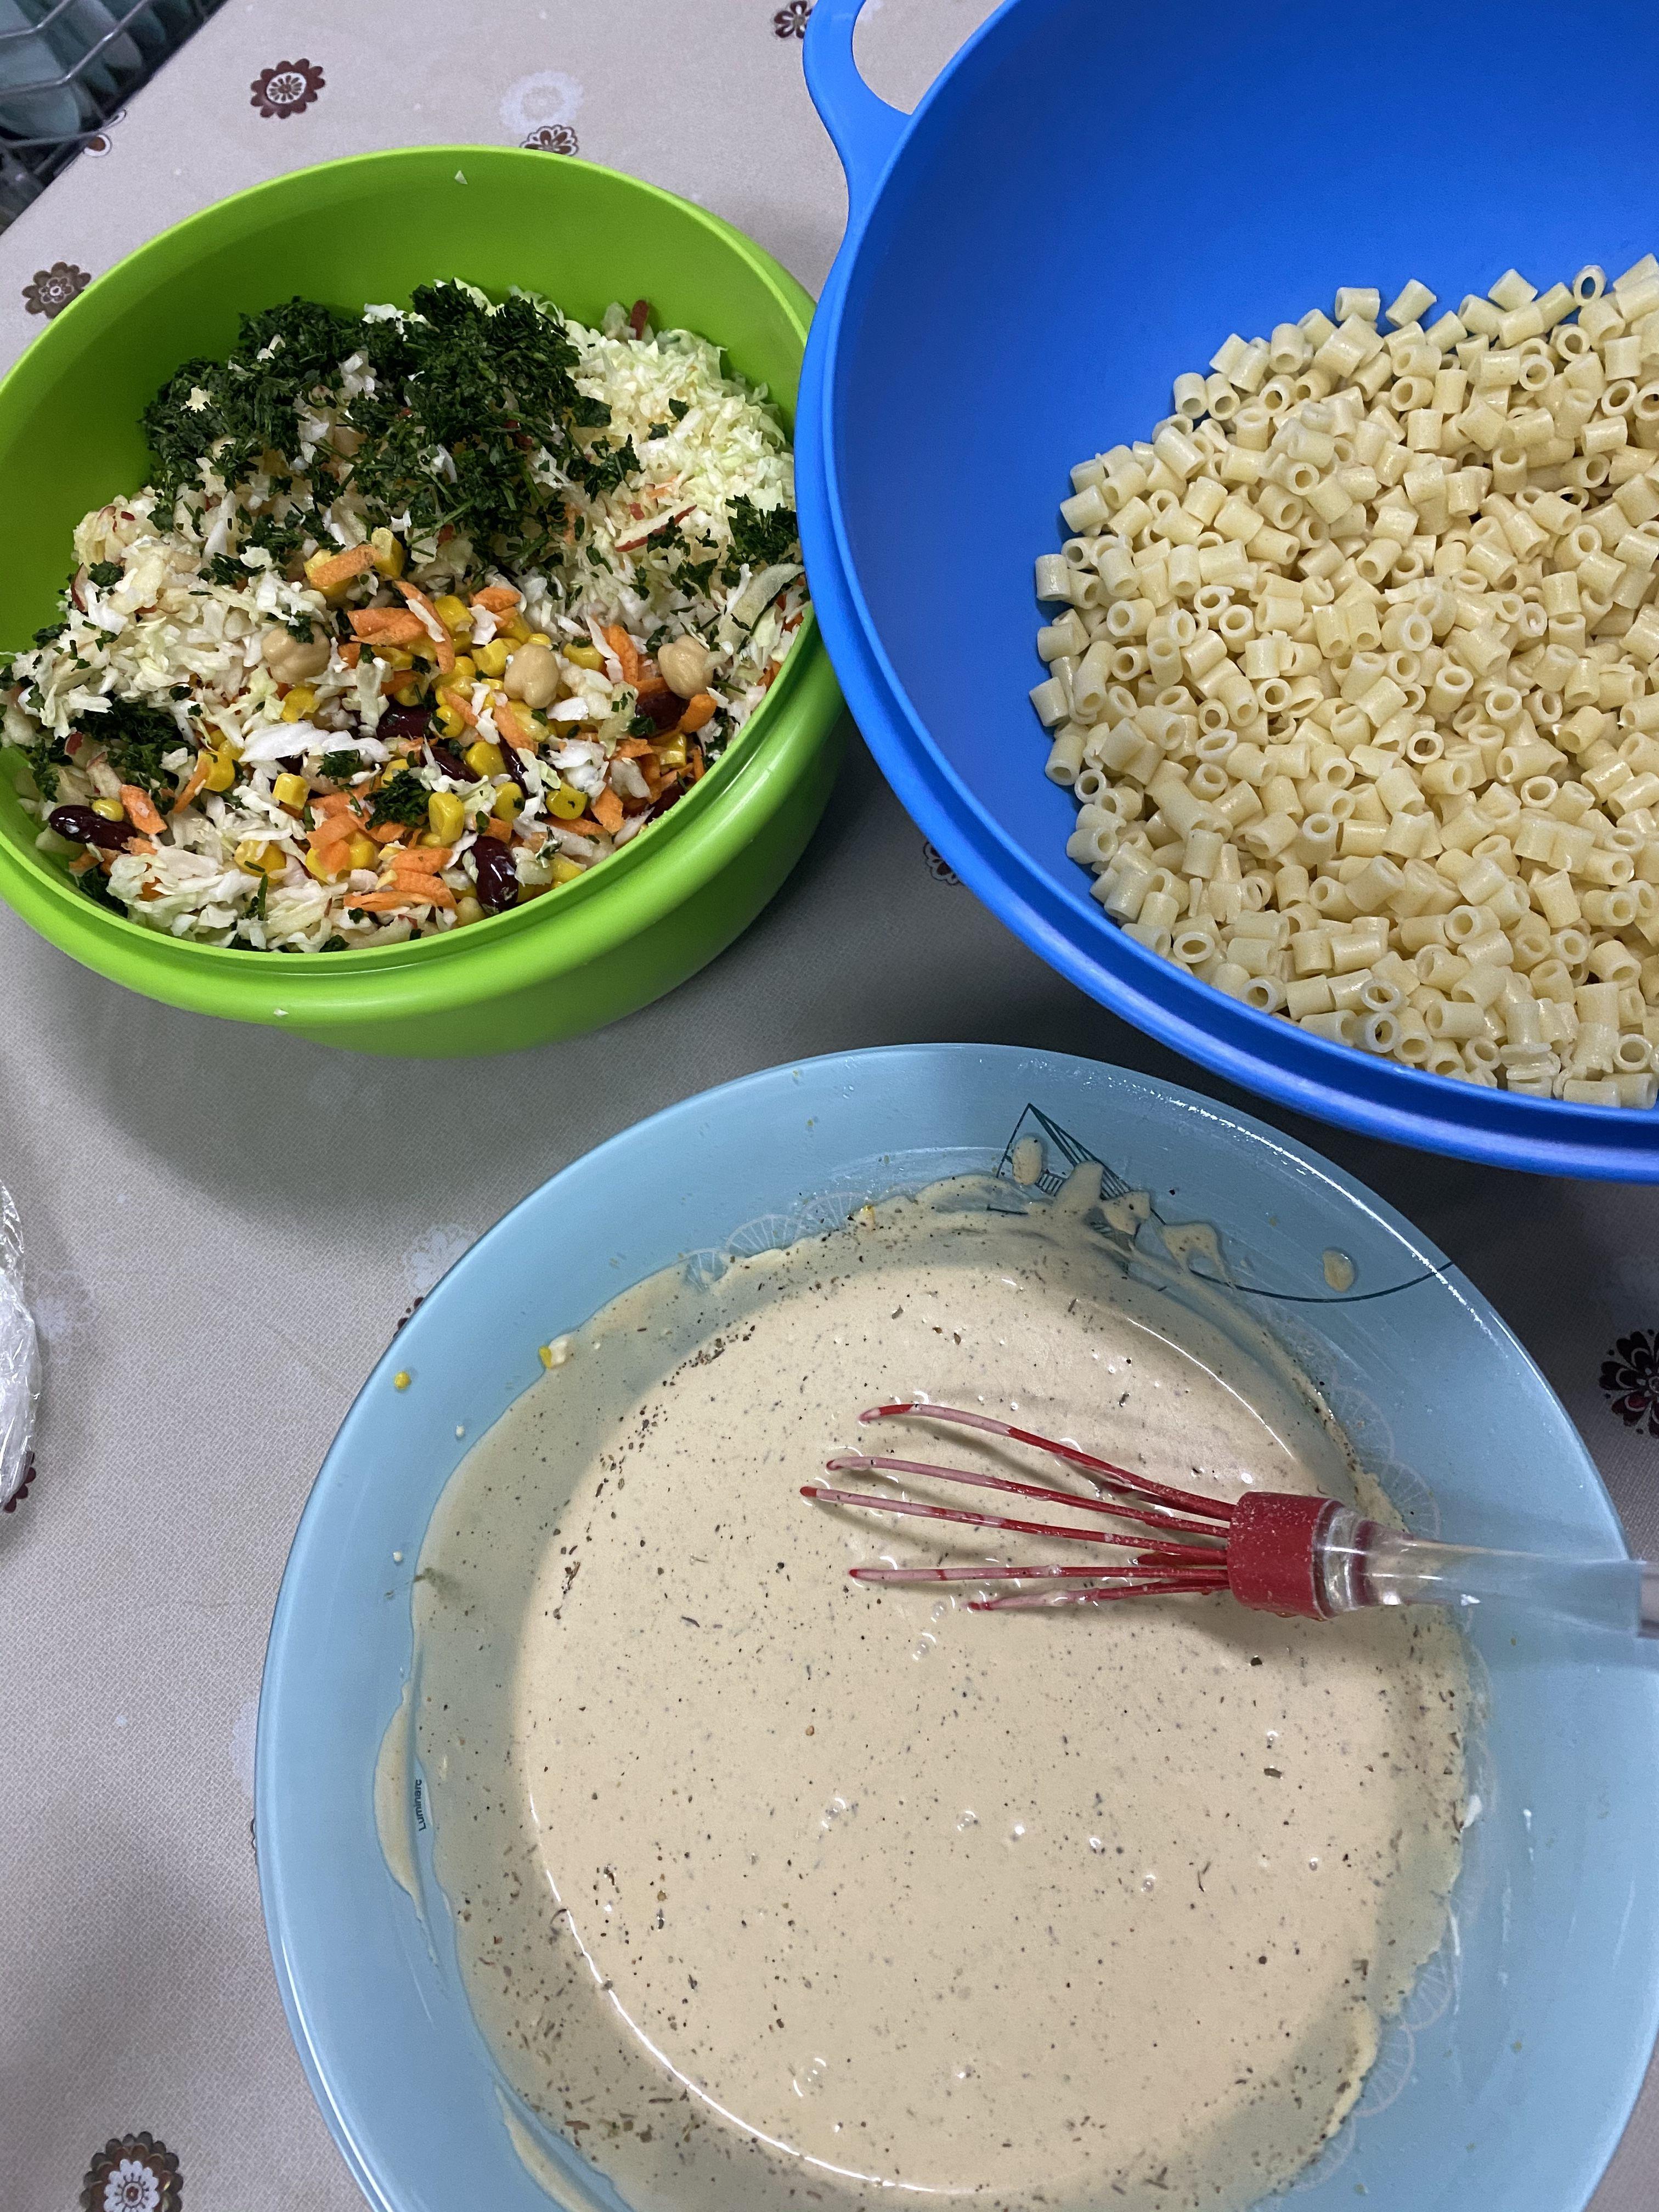 وصفة سلطة المعكرونه بالخضار مكتوبة بالتفصيل Cooking Recipes Recipes Cooking